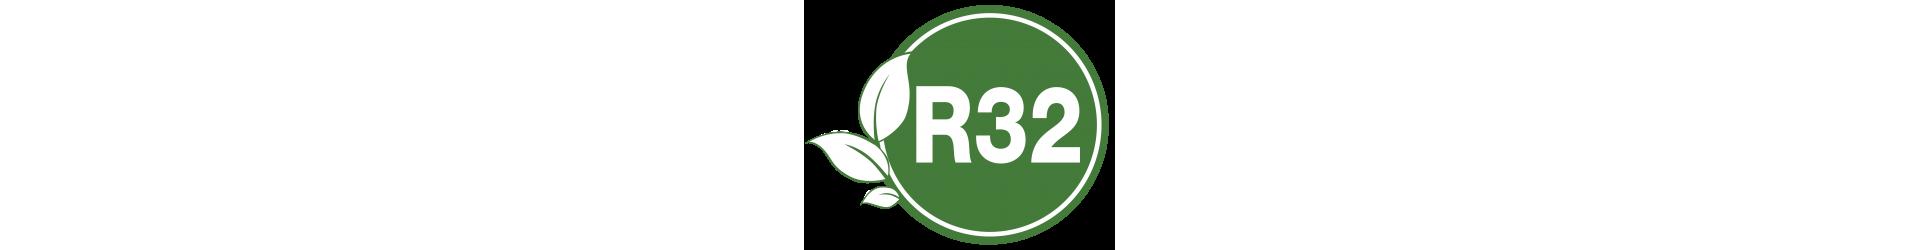 Außengerät Klimageräte Mitsubishi R32